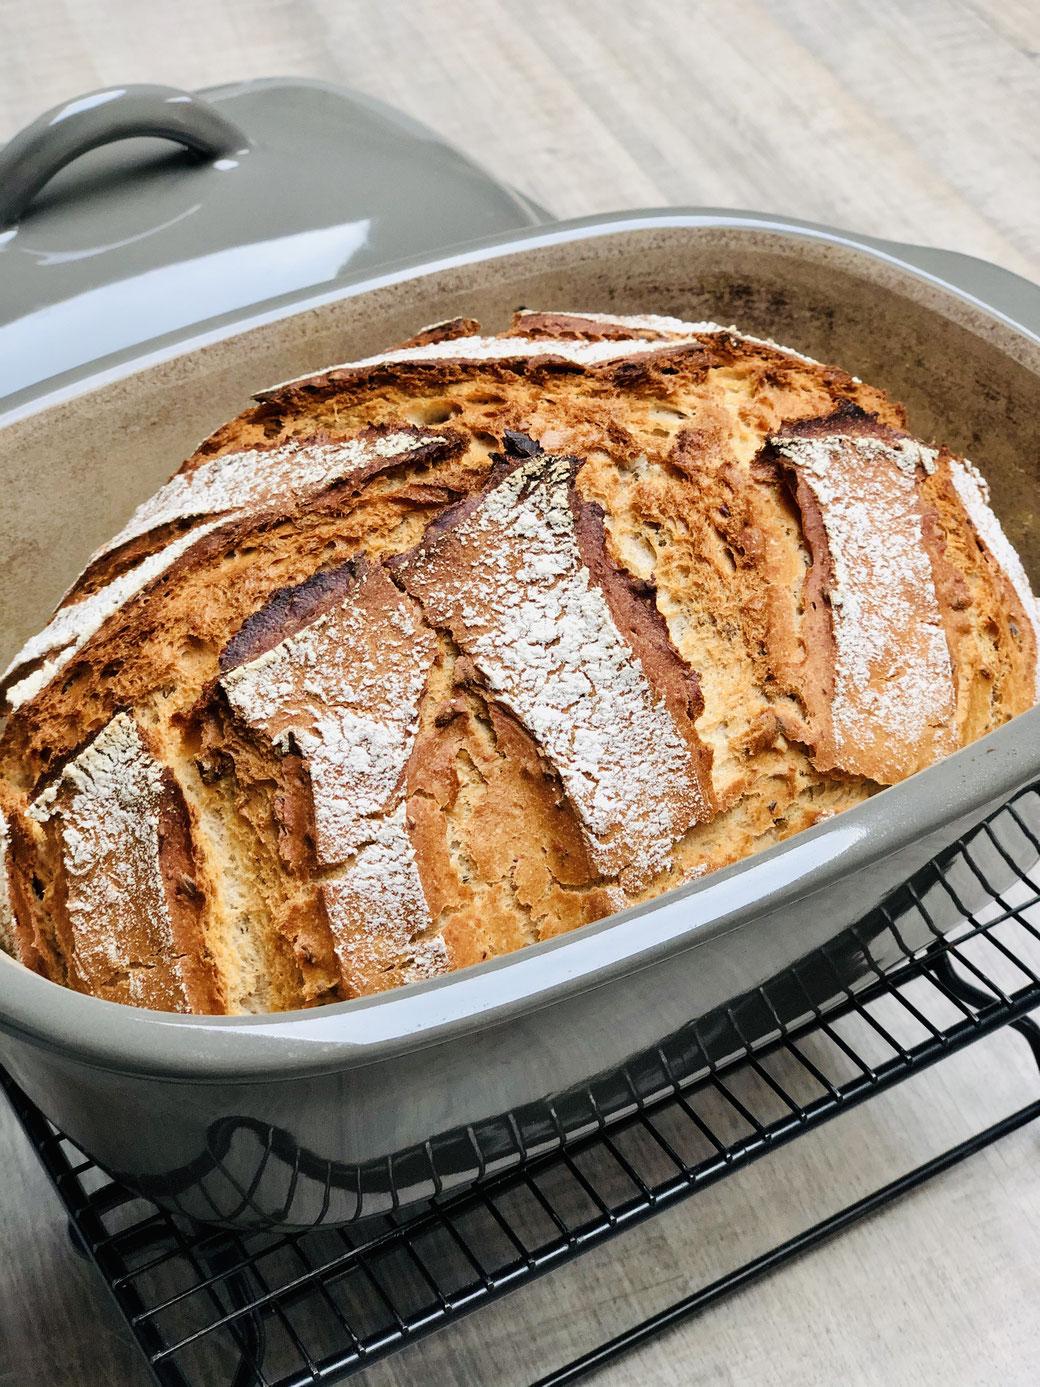 Hier siehst du mein knuspriges selbst gebackenes Brot aus dem Ofenmeister von Pampered Chef®